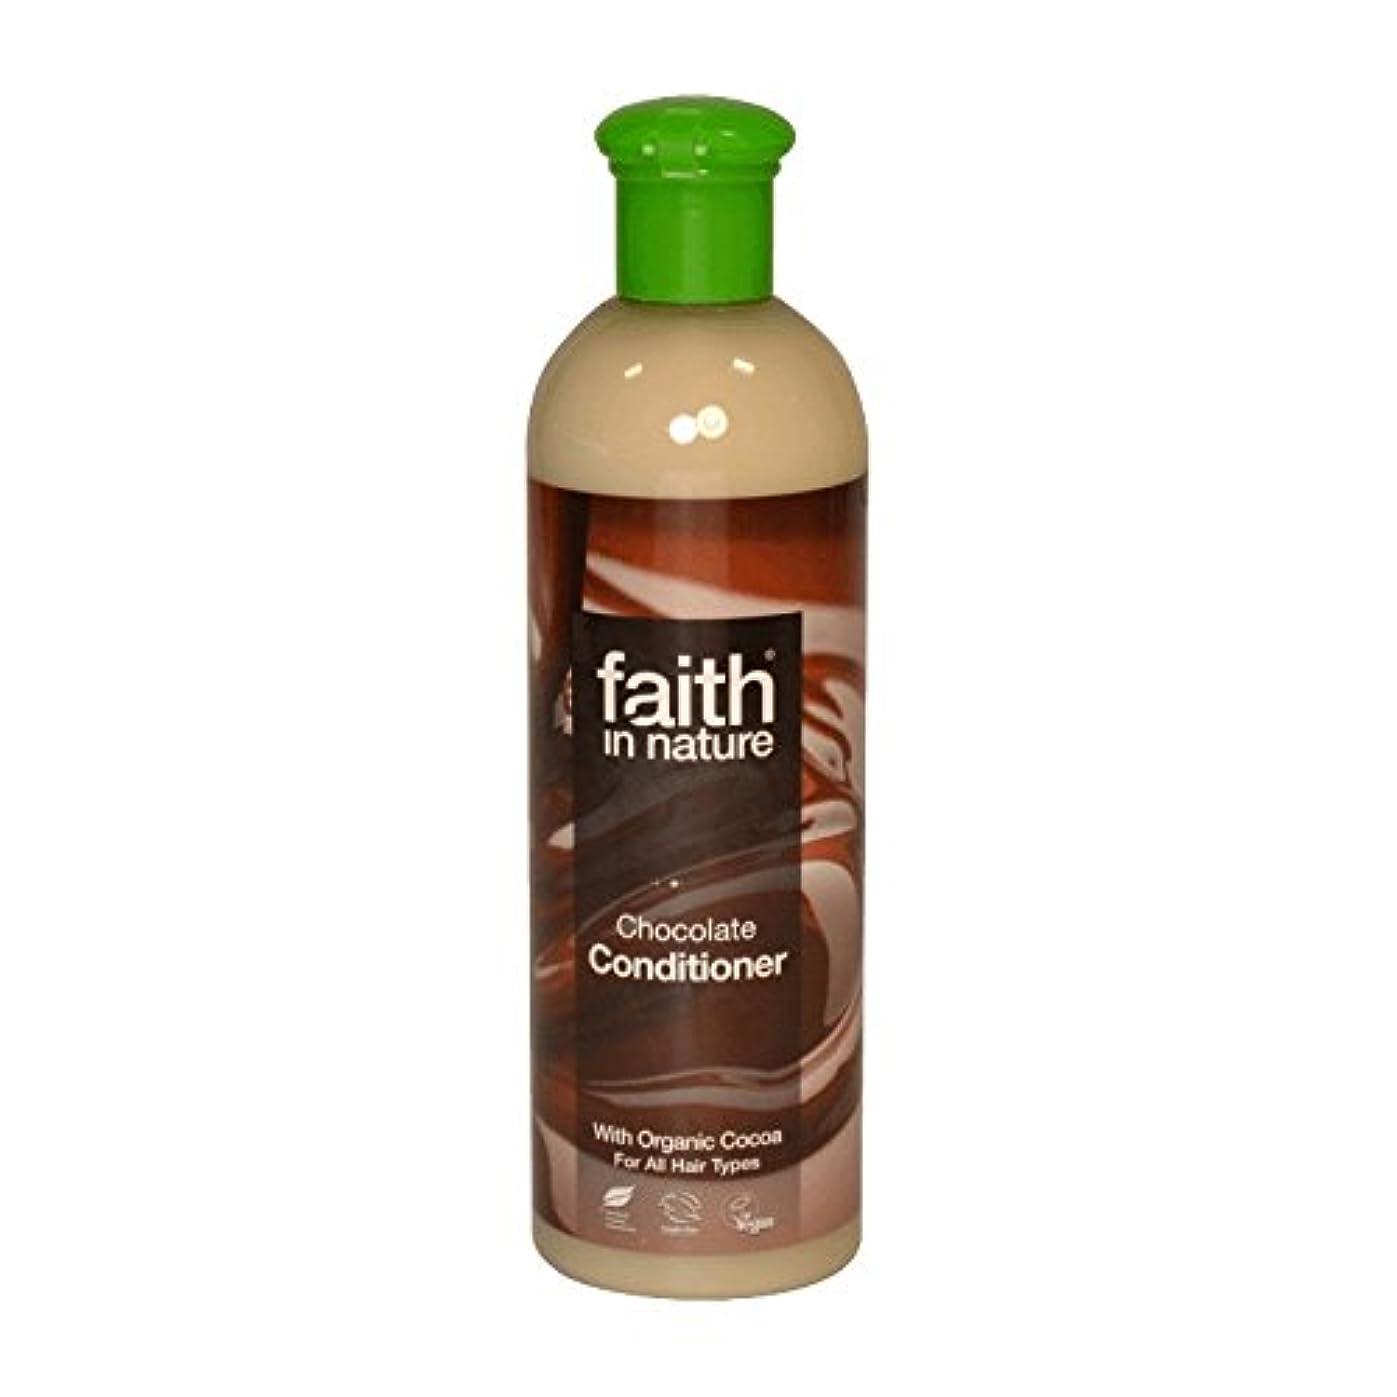 合唱団バットアメリカFaith In Nature Chocolate Conditioner 400ml (Pack of 6) - 自然チョコレートコンディショナー400ミリリットルの信仰 (x6) [並行輸入品]